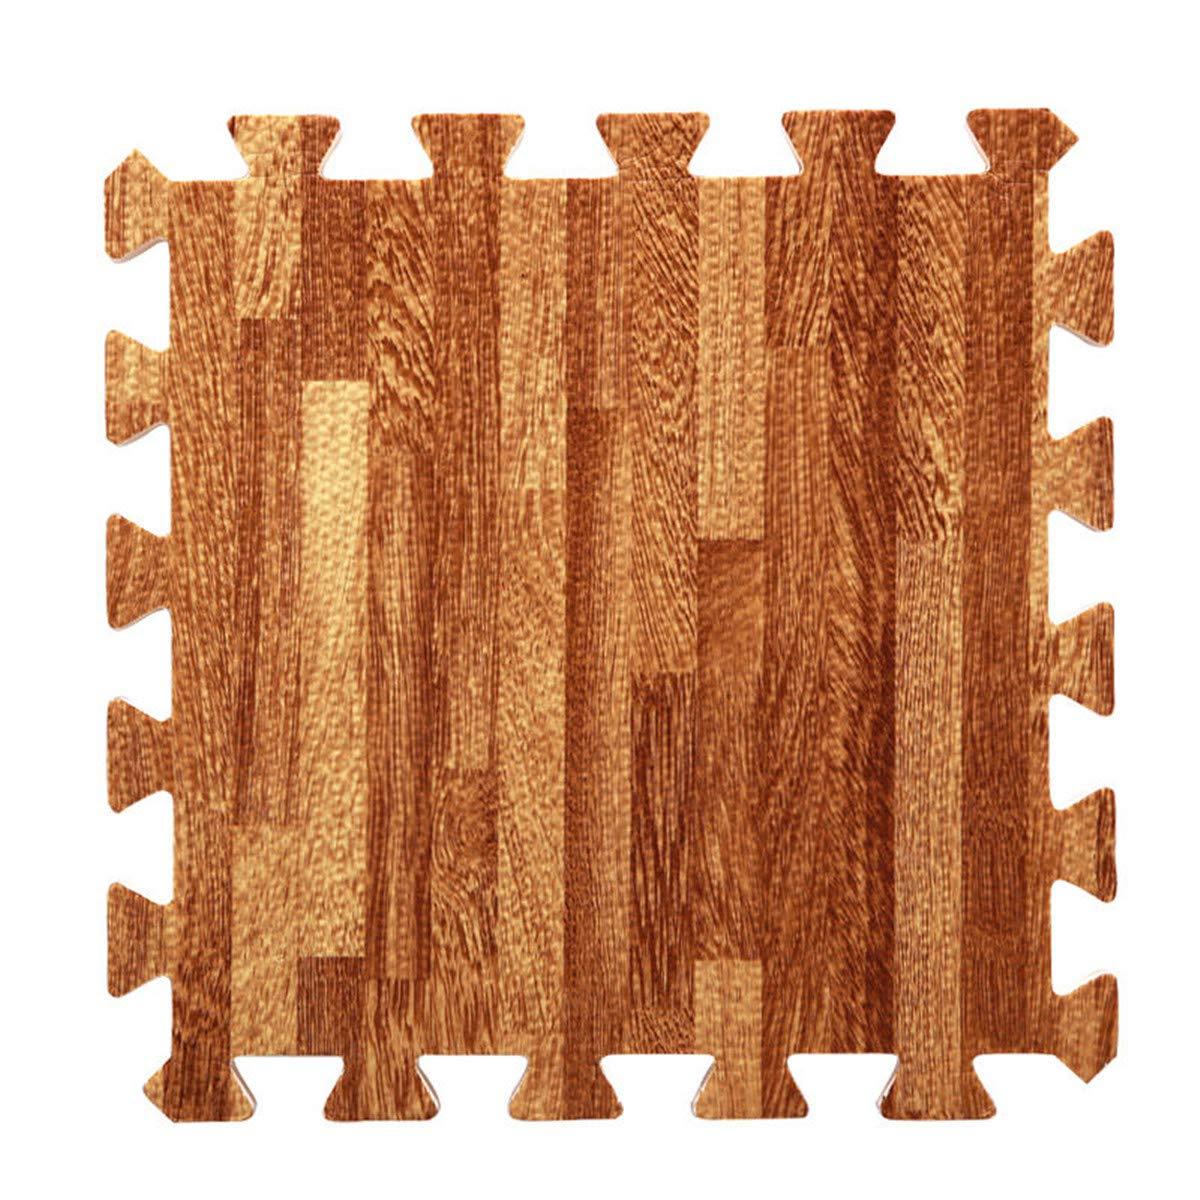 Cozylkx 10Pcs EVA Foam Wood Grain Floor Mats Wood Puzzle Mats,30301cm, Brown-10pcs TM 13861